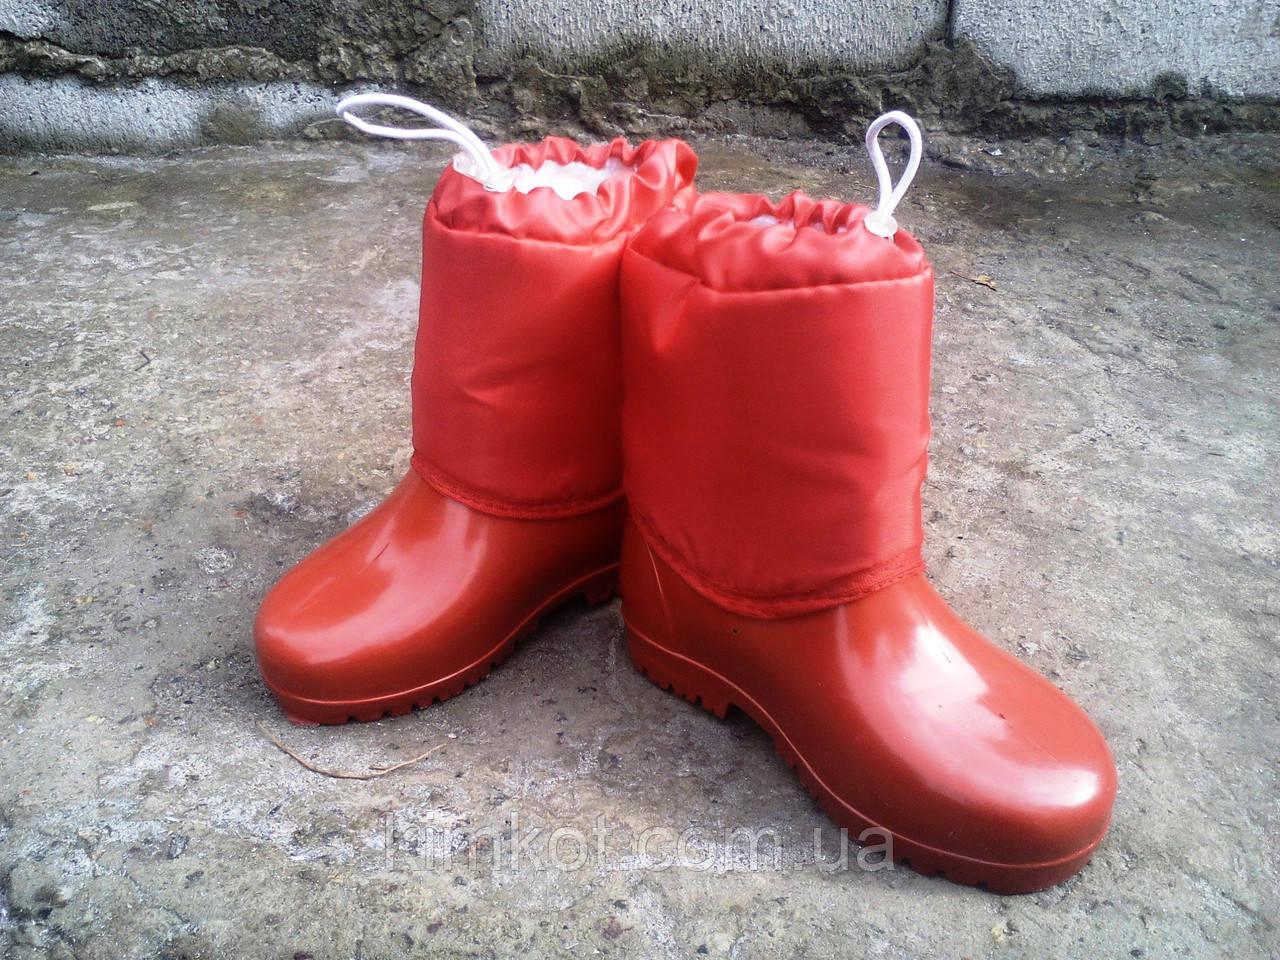 694aa9d76 Детские резиновые сапоги утепленные для девочки 26-30 р-ры: продажа ...